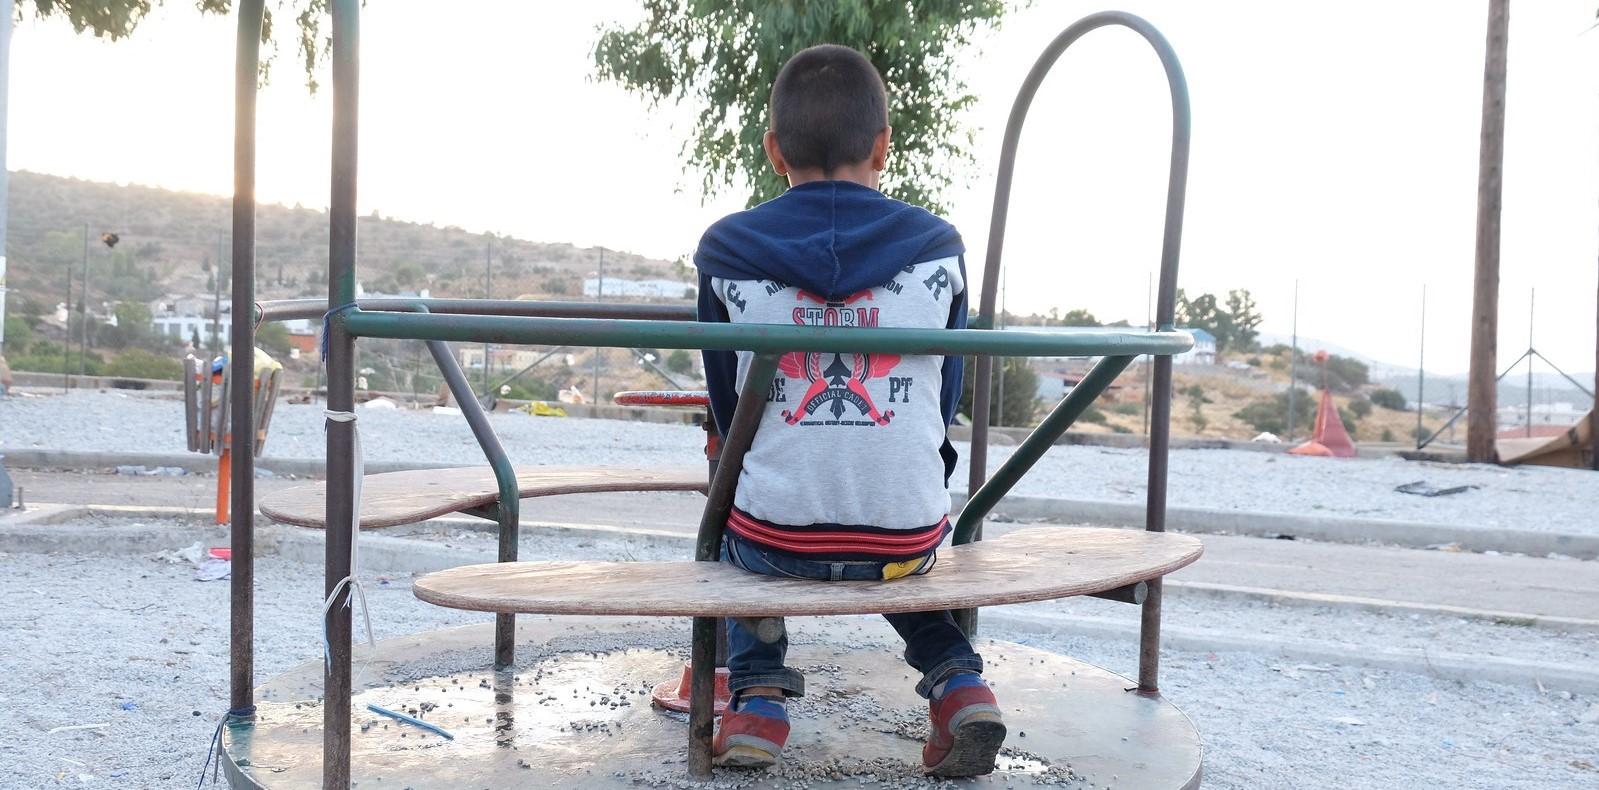 Organizaciones sociales y eclesiales solicitan al presidente del Gobierno la suspensión inmediata de las repatriaciones de menores no acompañados